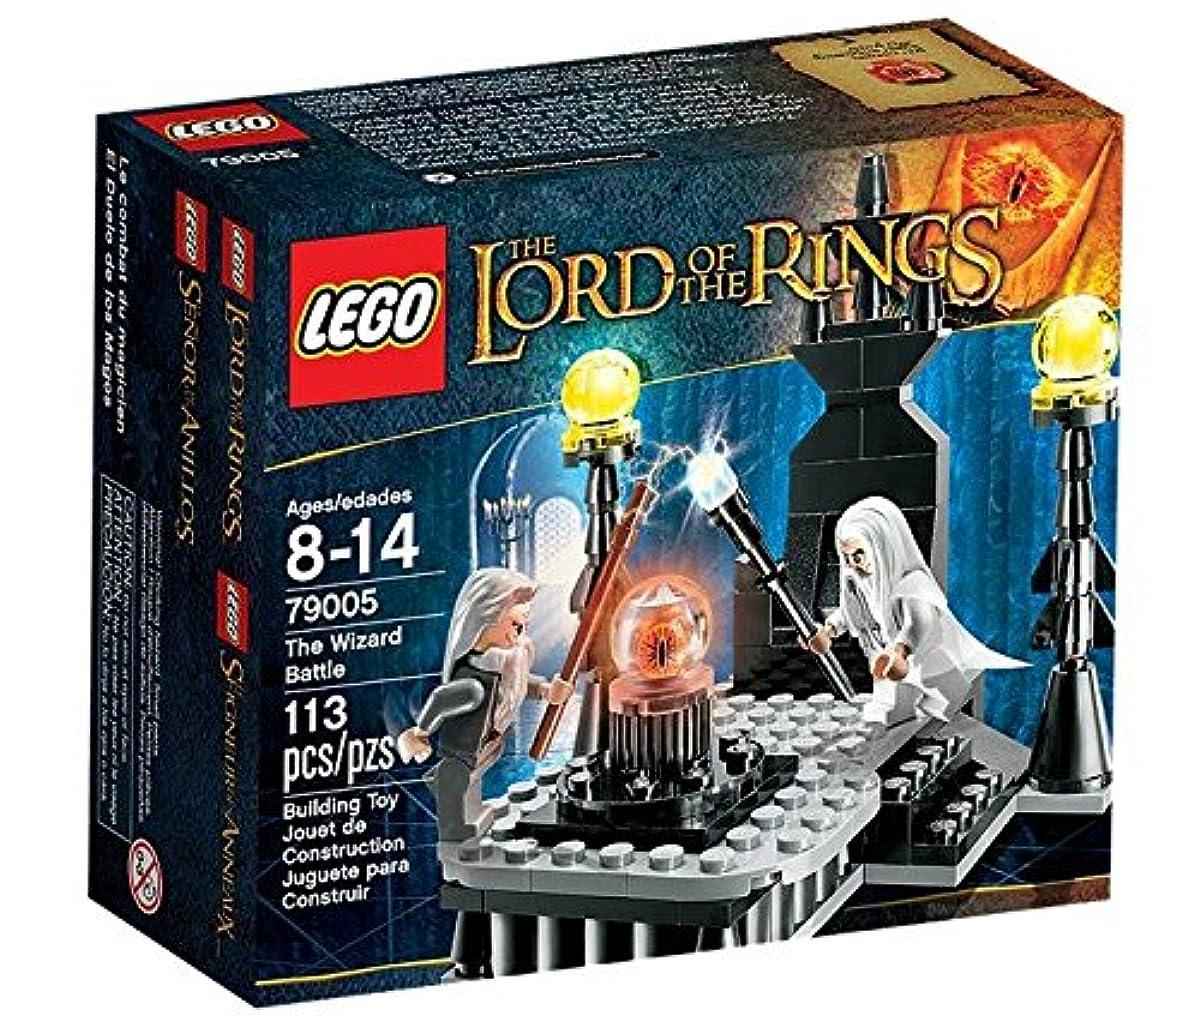 [해외] 레고 (LEGO) 반지의 제왕 위저드배틀 79005-79005 (2013-07-12)